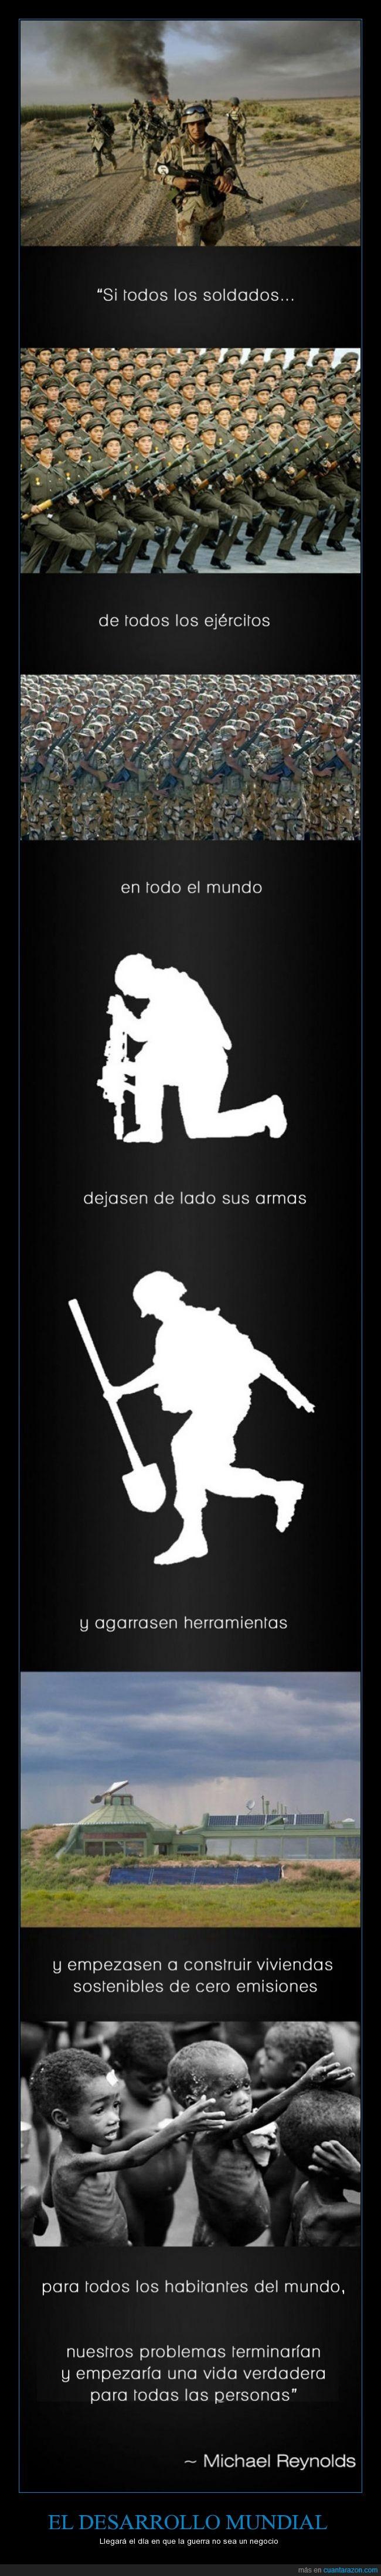 ayuda,ayudar,casa,constuir,eliminar la guerra,guerra,herramienta,invertir en el bienestar de los demas,Michael Reynolds,soldado,violencia